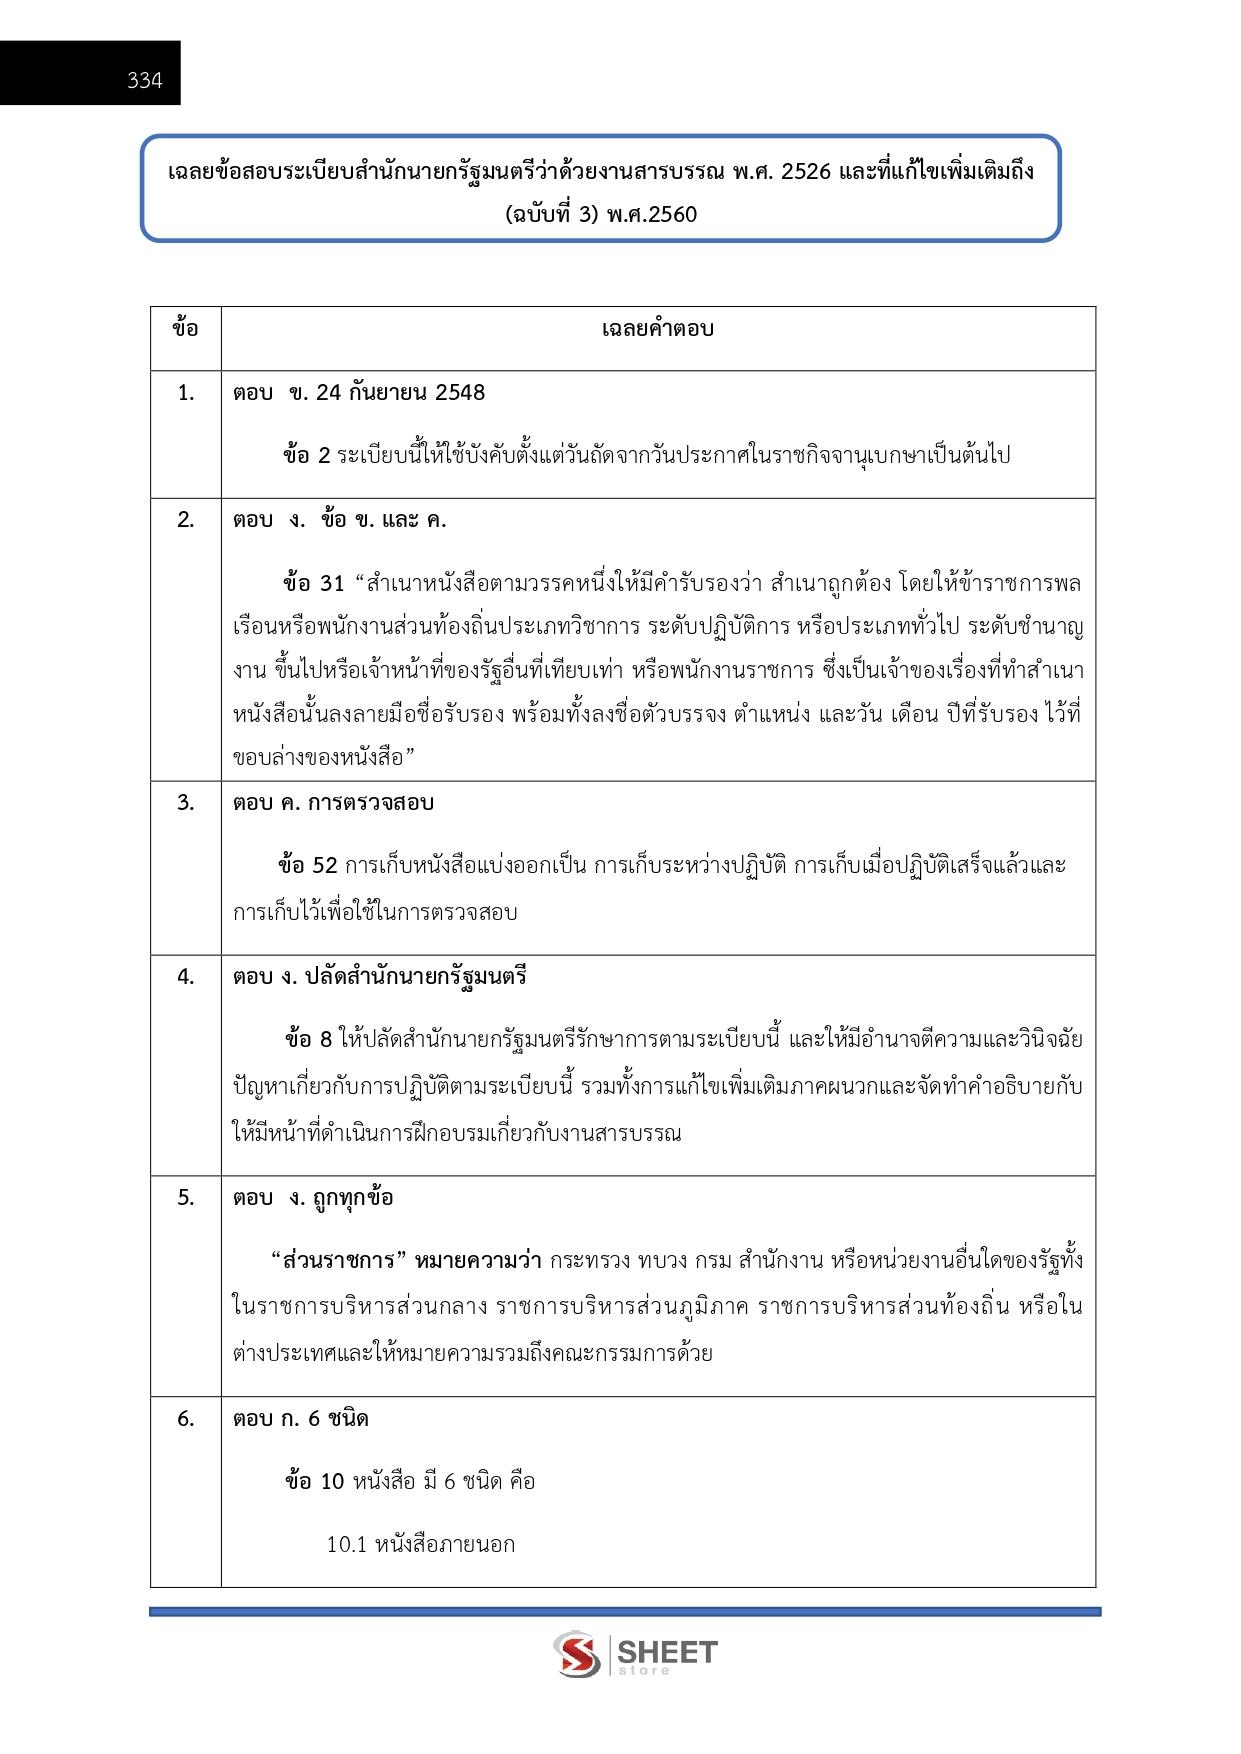 แนวข้อสอบ นักส่งเสริมการปกครองท้องถิ่นปฏิบัติการ กรมส่งเสริมการปกครองท้องถิ่น (กสถ) 2563